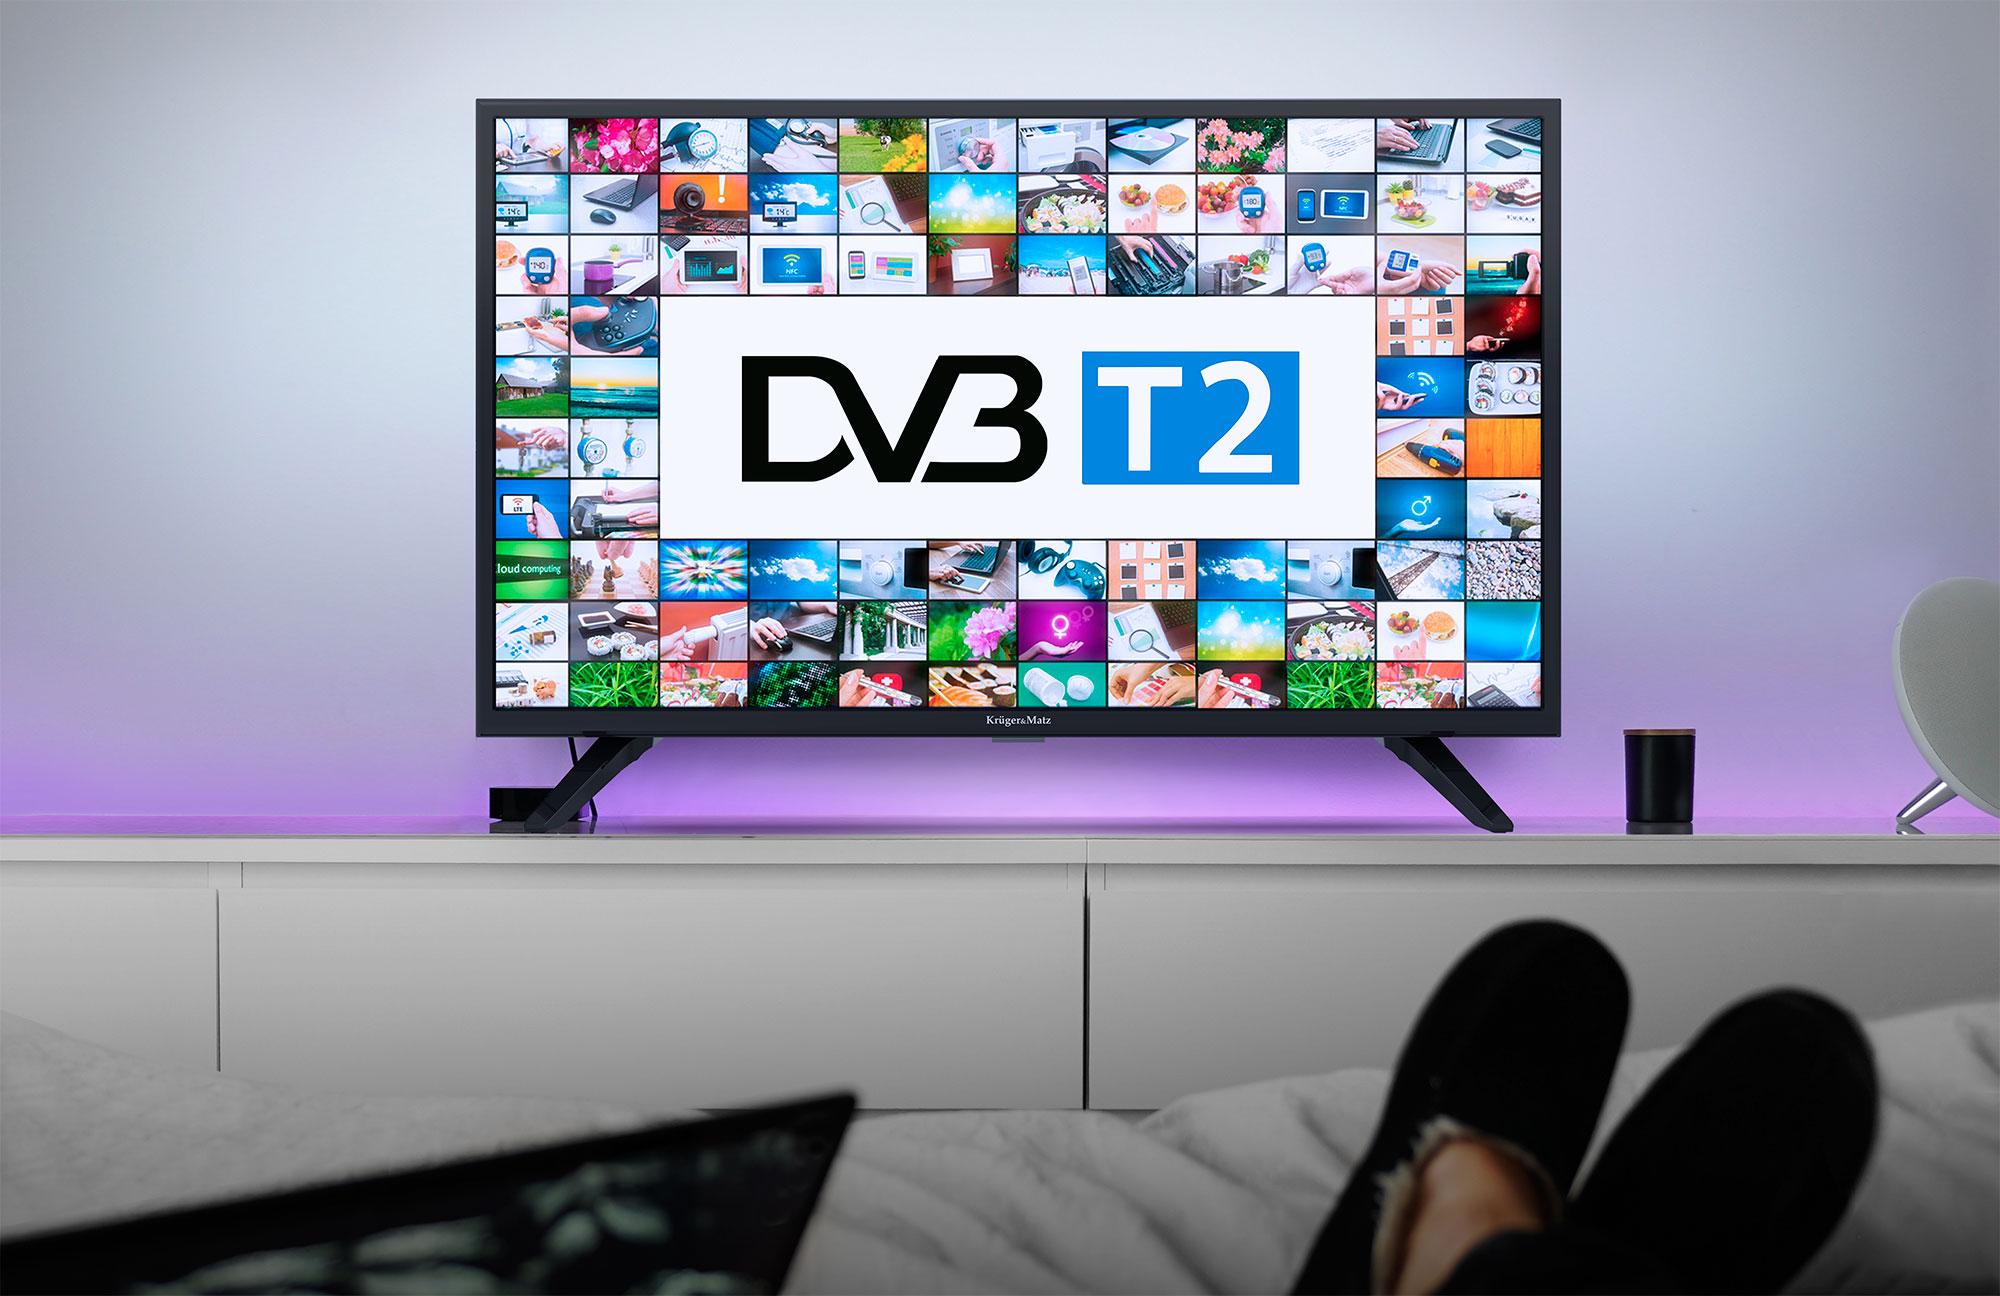 Pentru un plus de confort in utilizare noul televizor de 32 inch de la Kruger&Matz este dotat acum cu tuner DVB-T2 care foloseste pentru a putea prinde posturile transmise in format digital. Acum nu mai trebuie sa cumperi echipamente in plus!